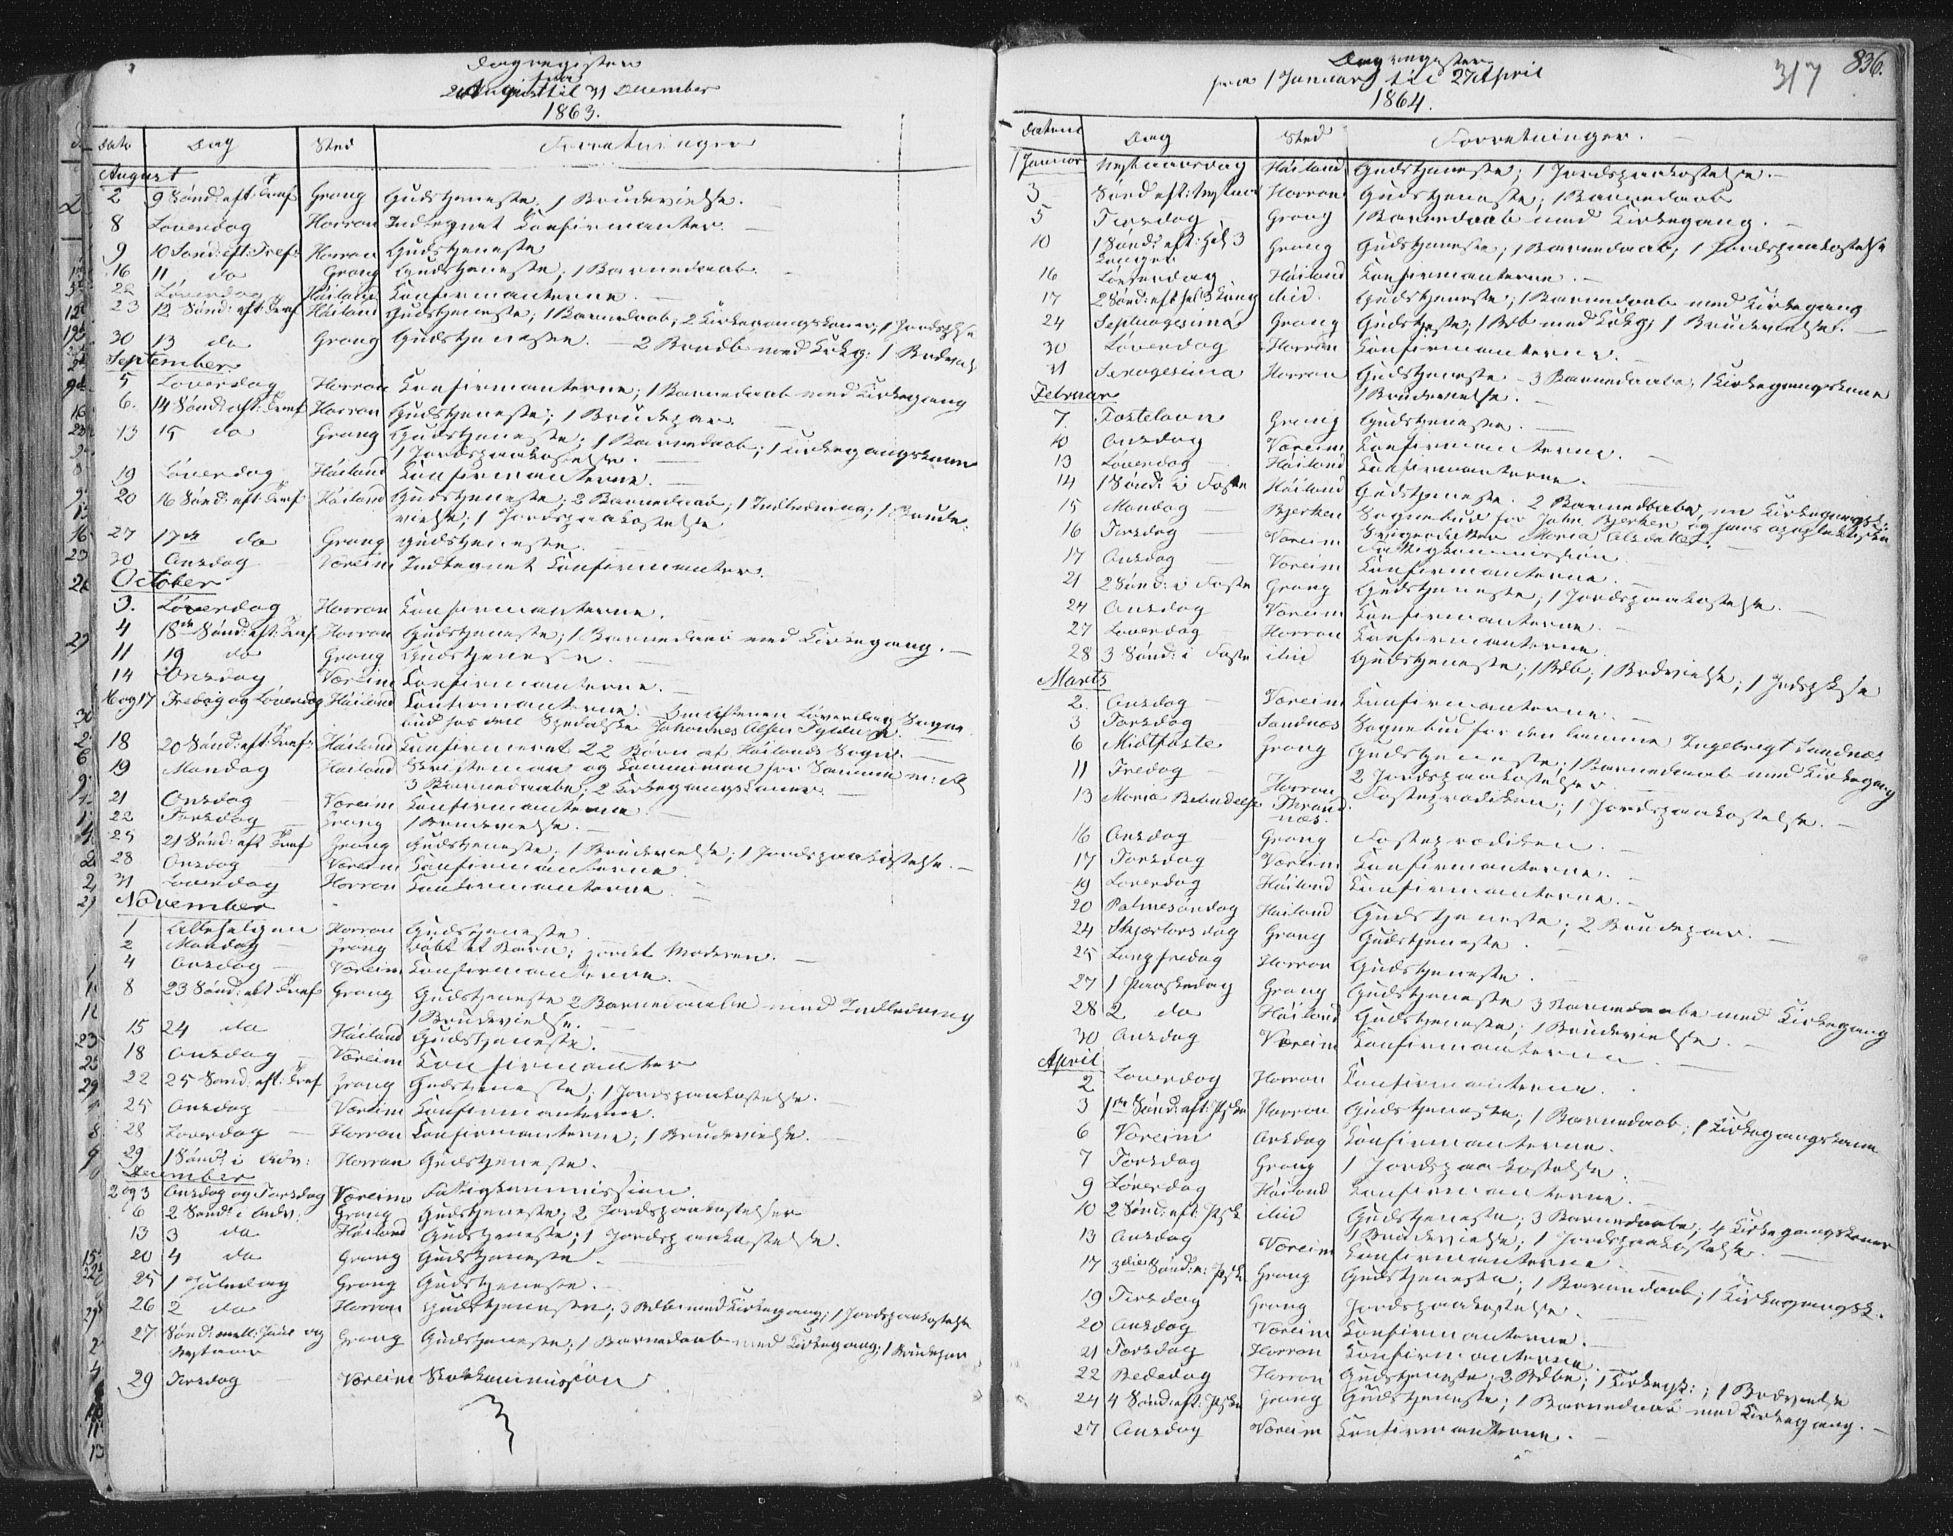 SAT, Ministerialprotokoller, klokkerbøker og fødselsregistre - Nord-Trøndelag, 758/L0513: Ministerialbok nr. 758A02 /1, 1839-1868, s. 317